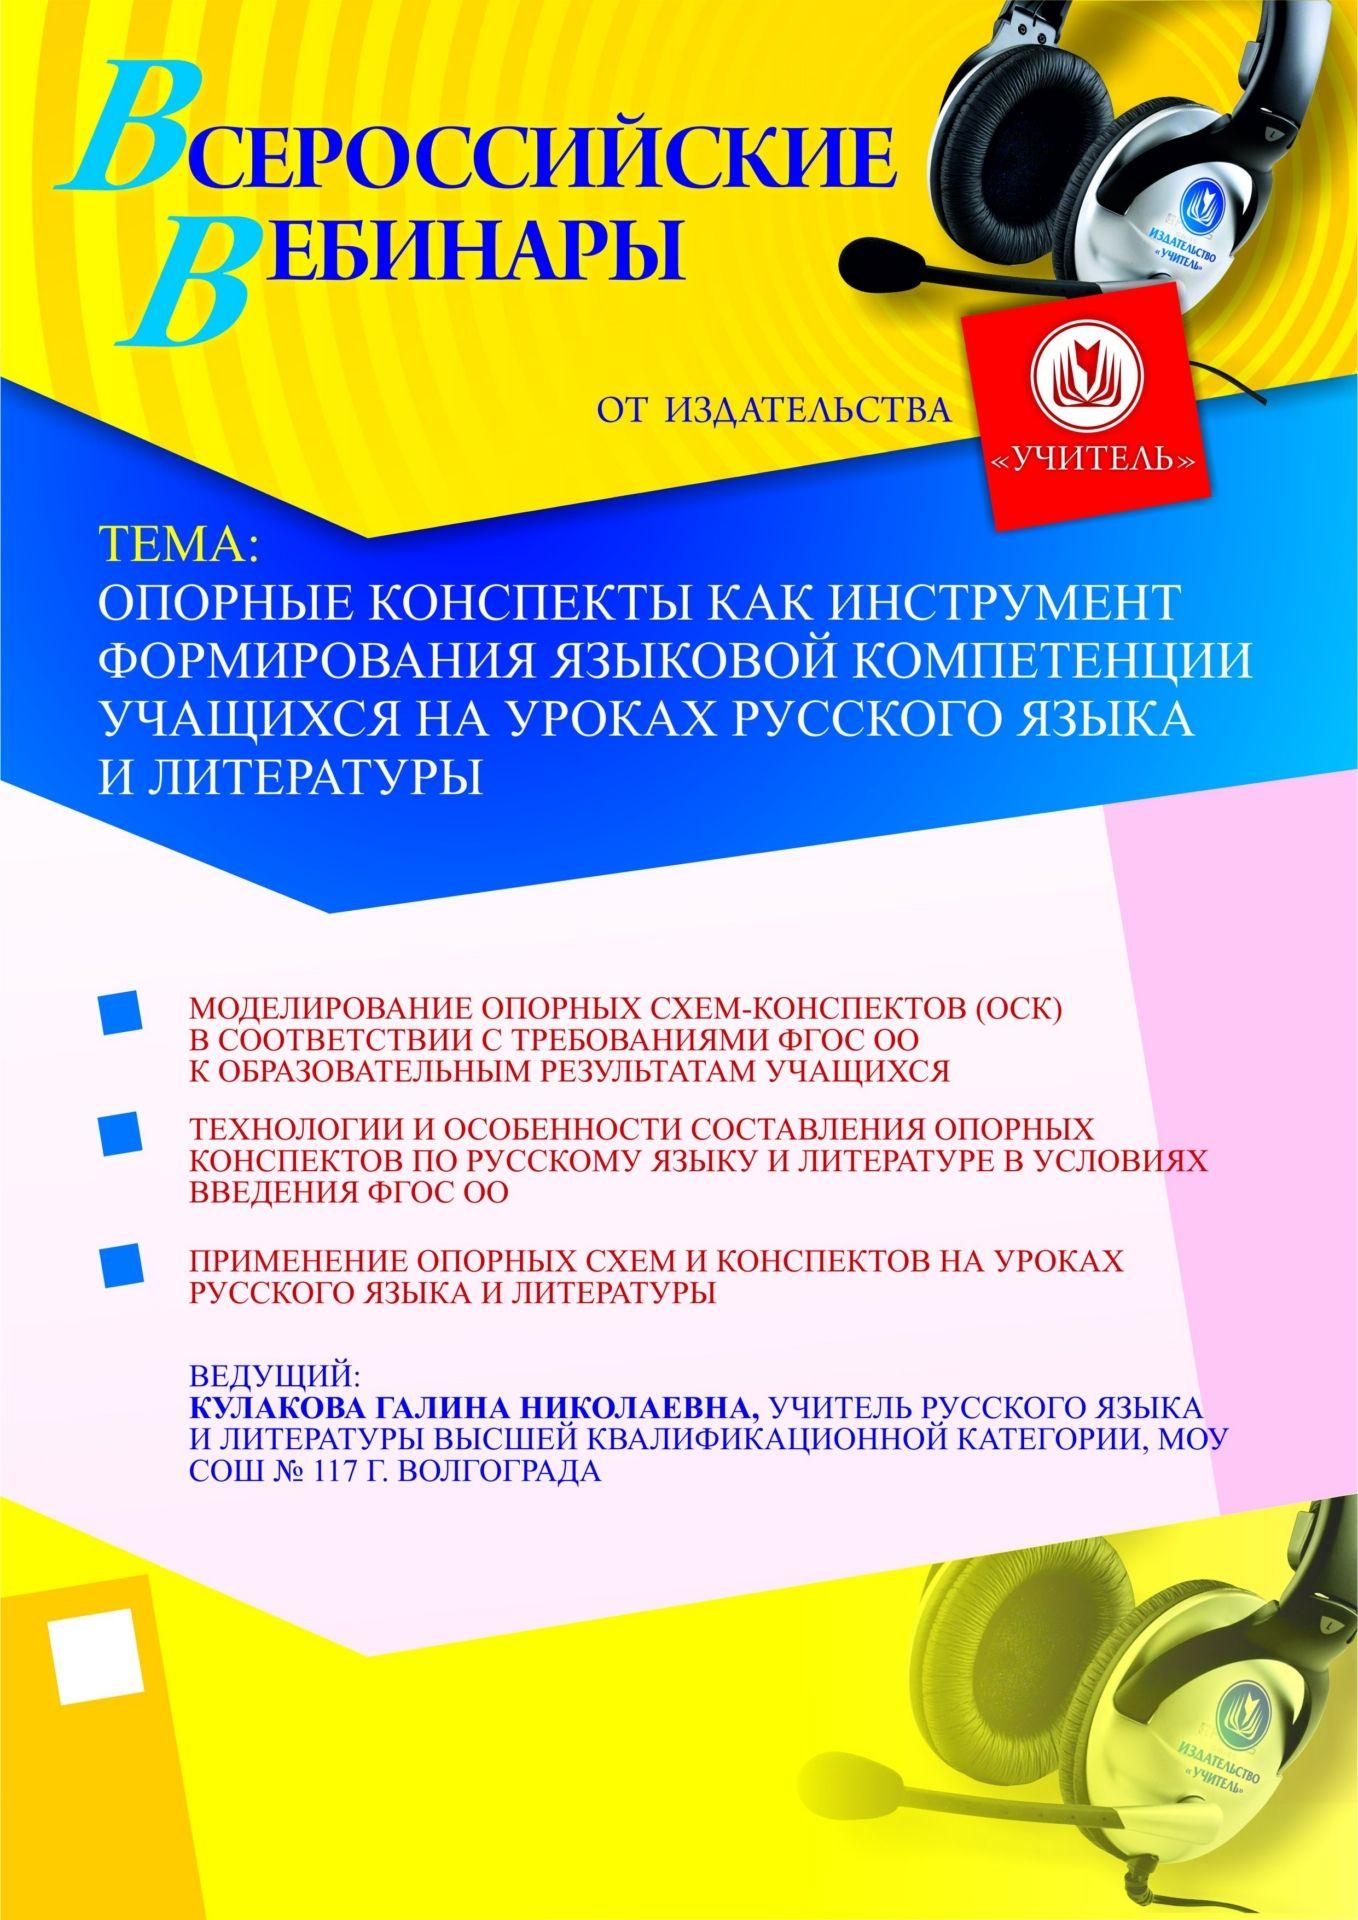 Опорные конспекты как инструмент формирования языковой компетенции учащихся на уроках русского языка и литературы фото